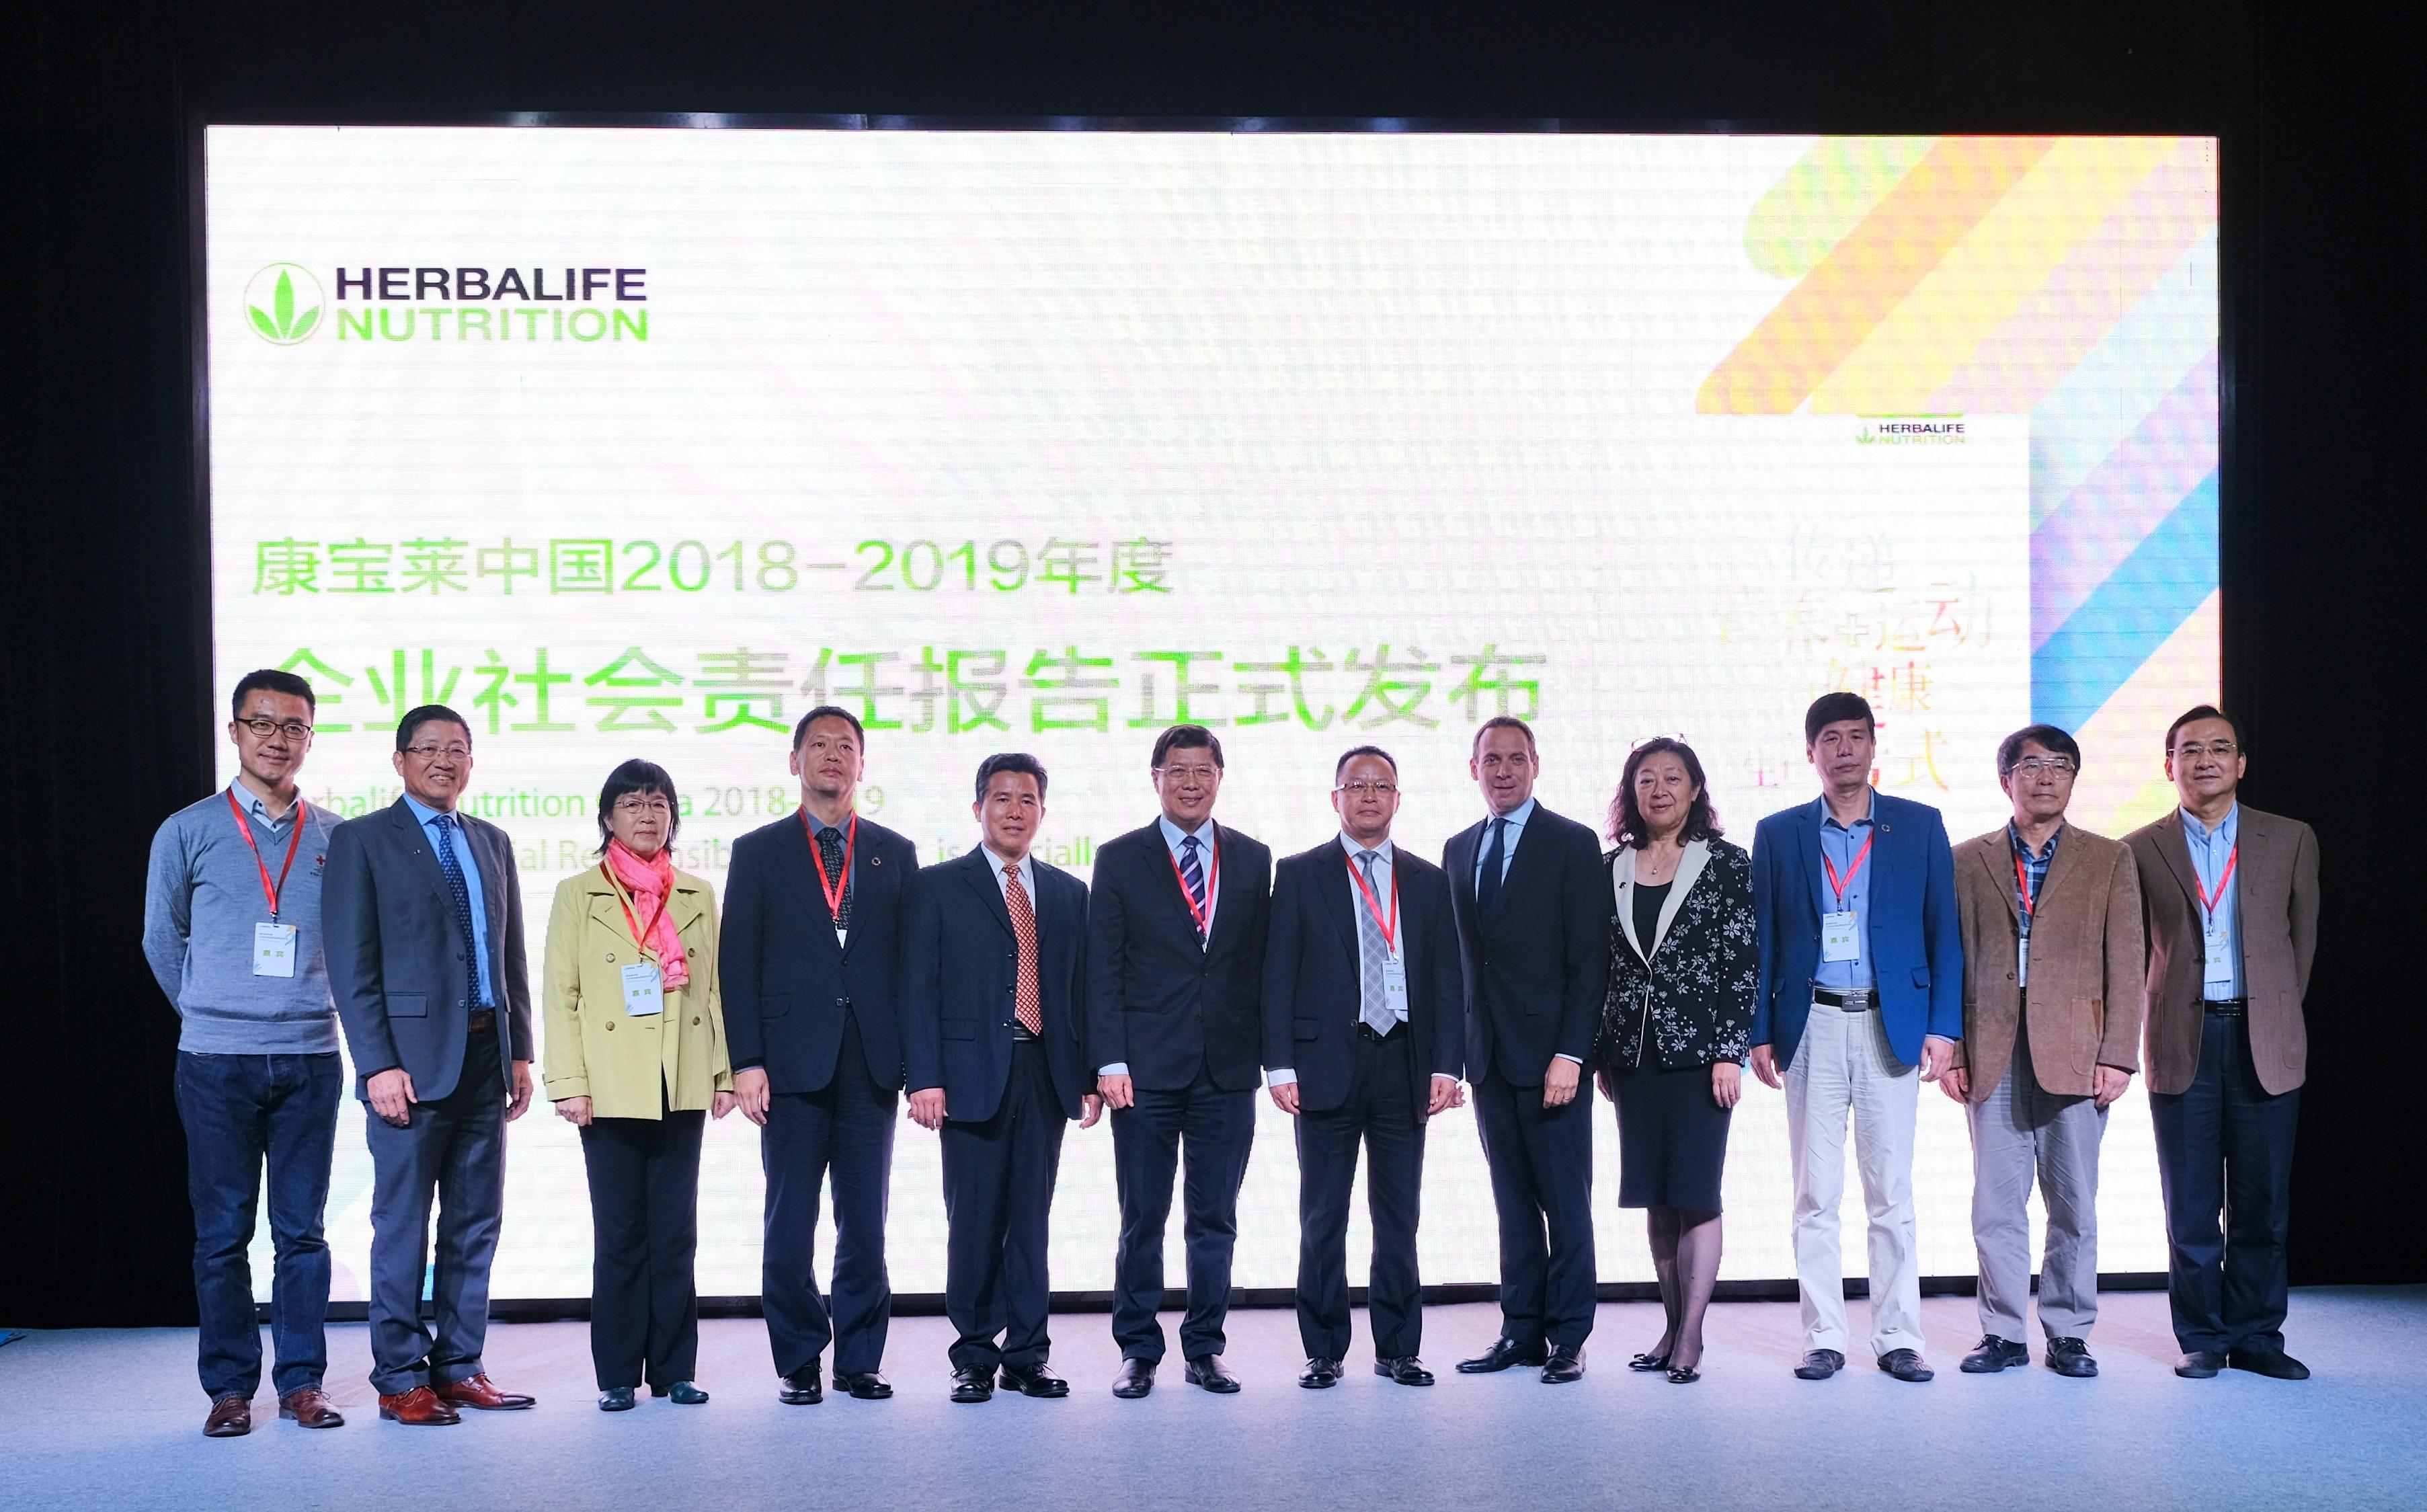 康宝莱中国在京发布2018-2019年度企业社会责任报告_财经_中国网